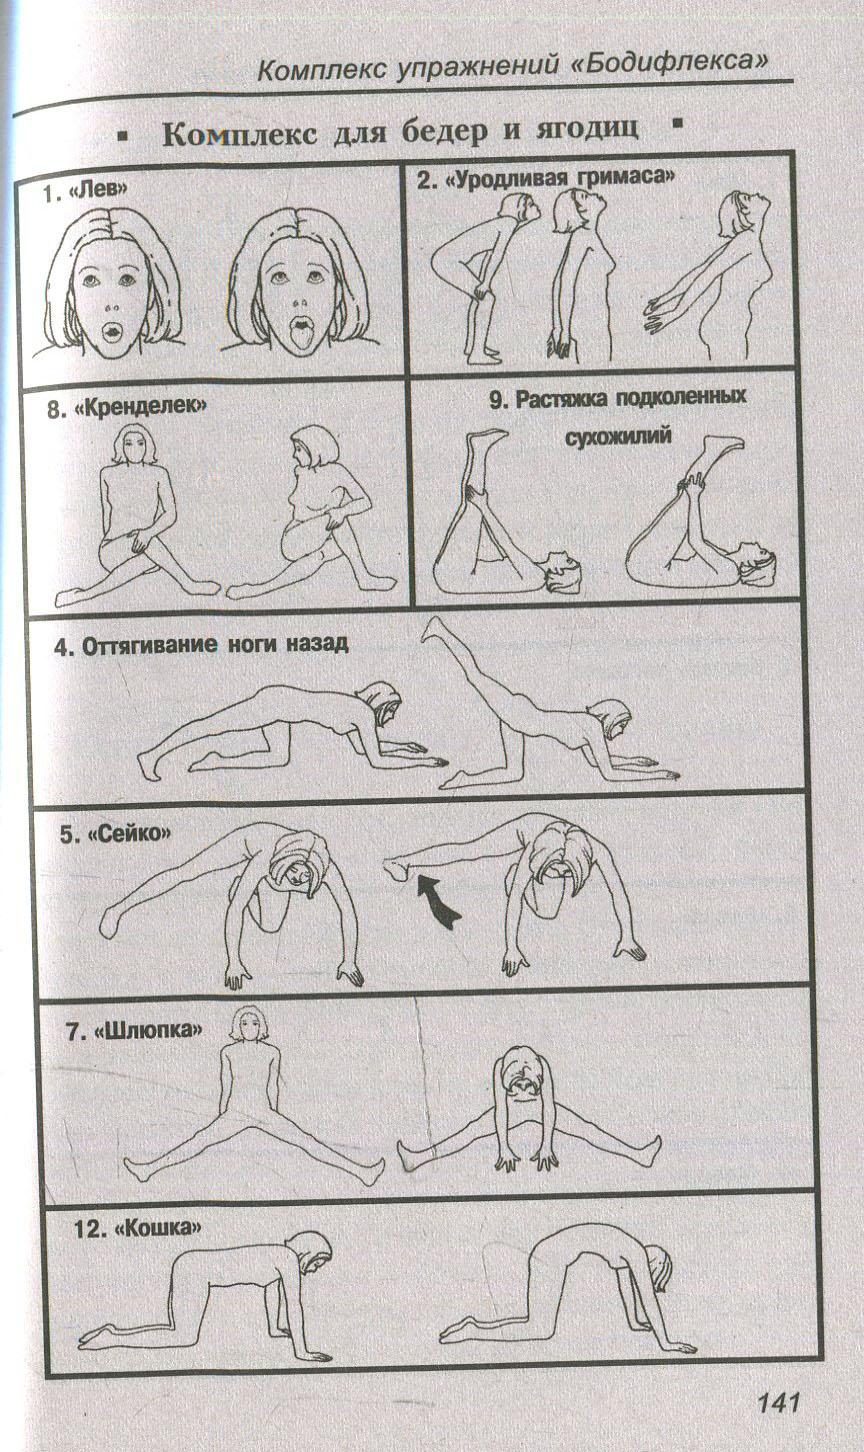 техника голубых бодифлекс в картинках все упражнения заранее, как